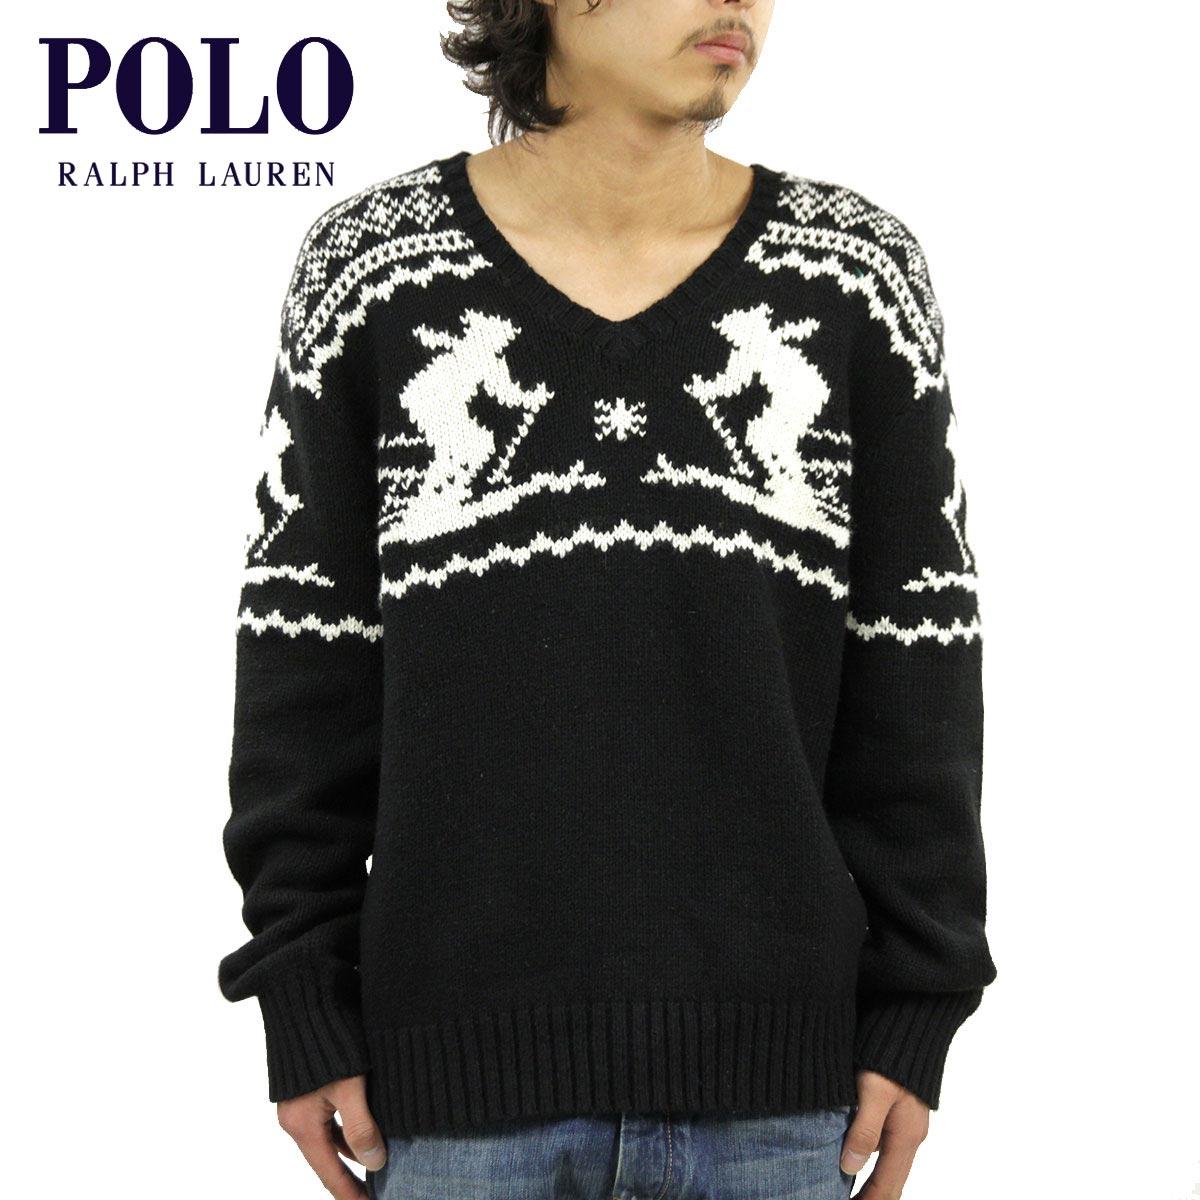 ポロ ラルフローレン POLO RALPH LAUREN 正規品 メンズ Vネックセーター Intarsia V-Neck Sweater ブラック D35S45